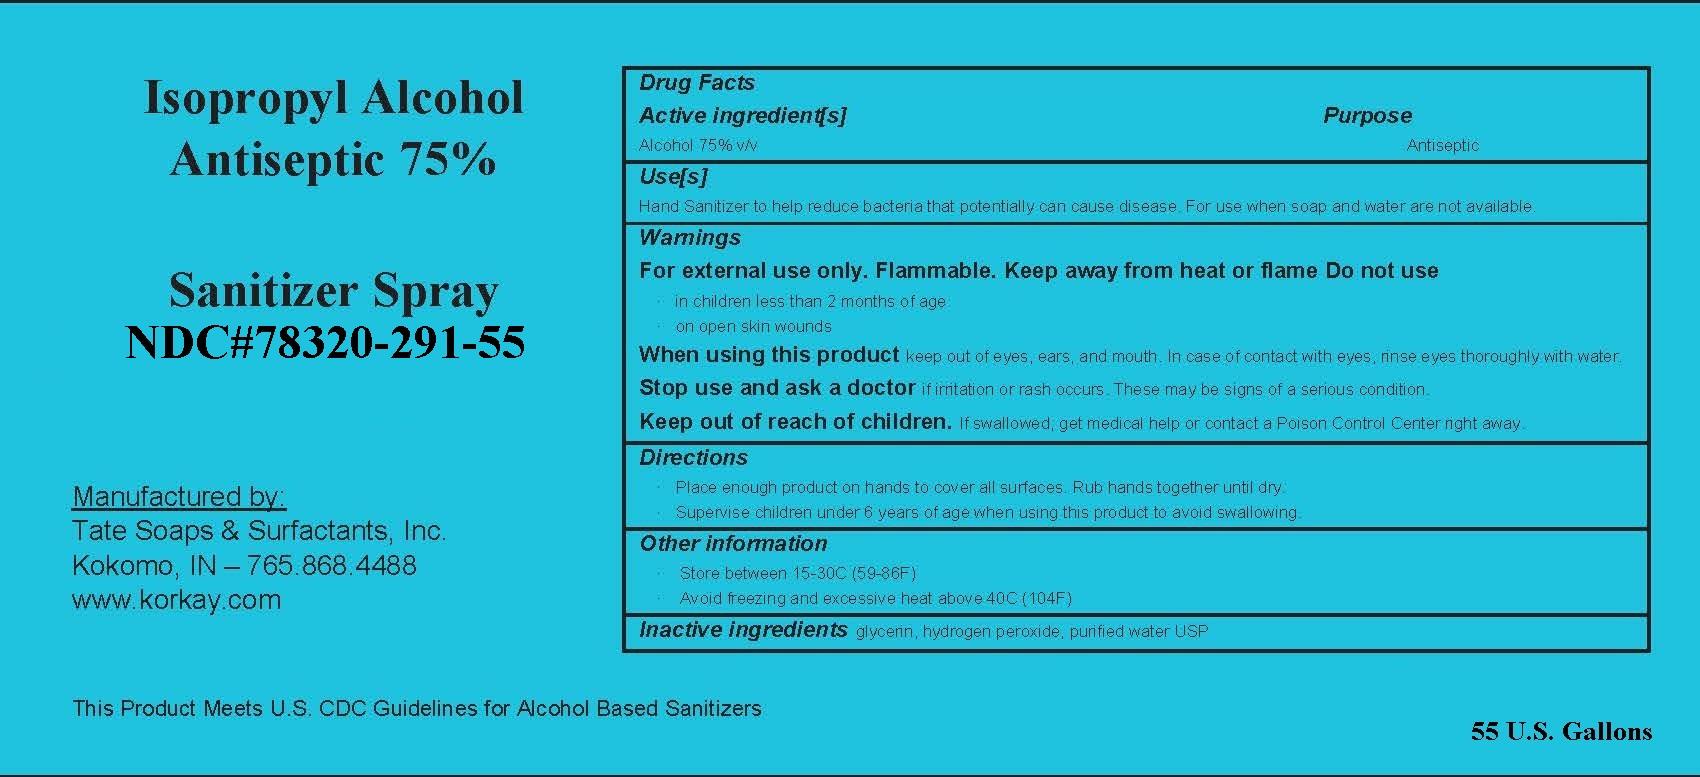 55 gallon label